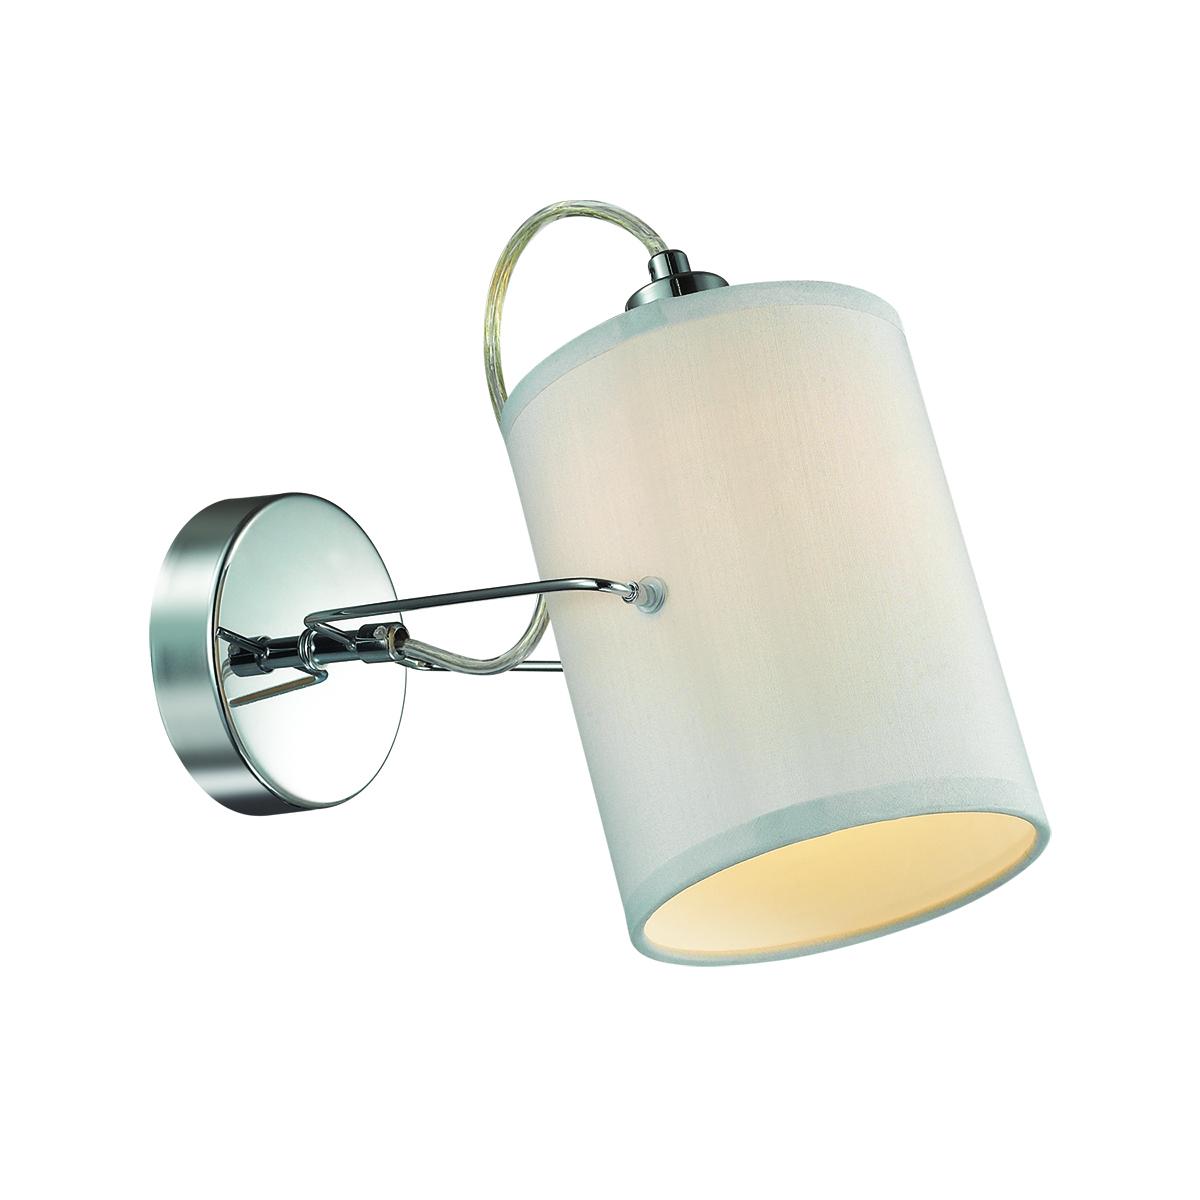 Потолочный светильник с регулировкой направления света Lumion Visario 3522/1W, 1xE14x40W, хром, серый, металл, текстиль - фото 1